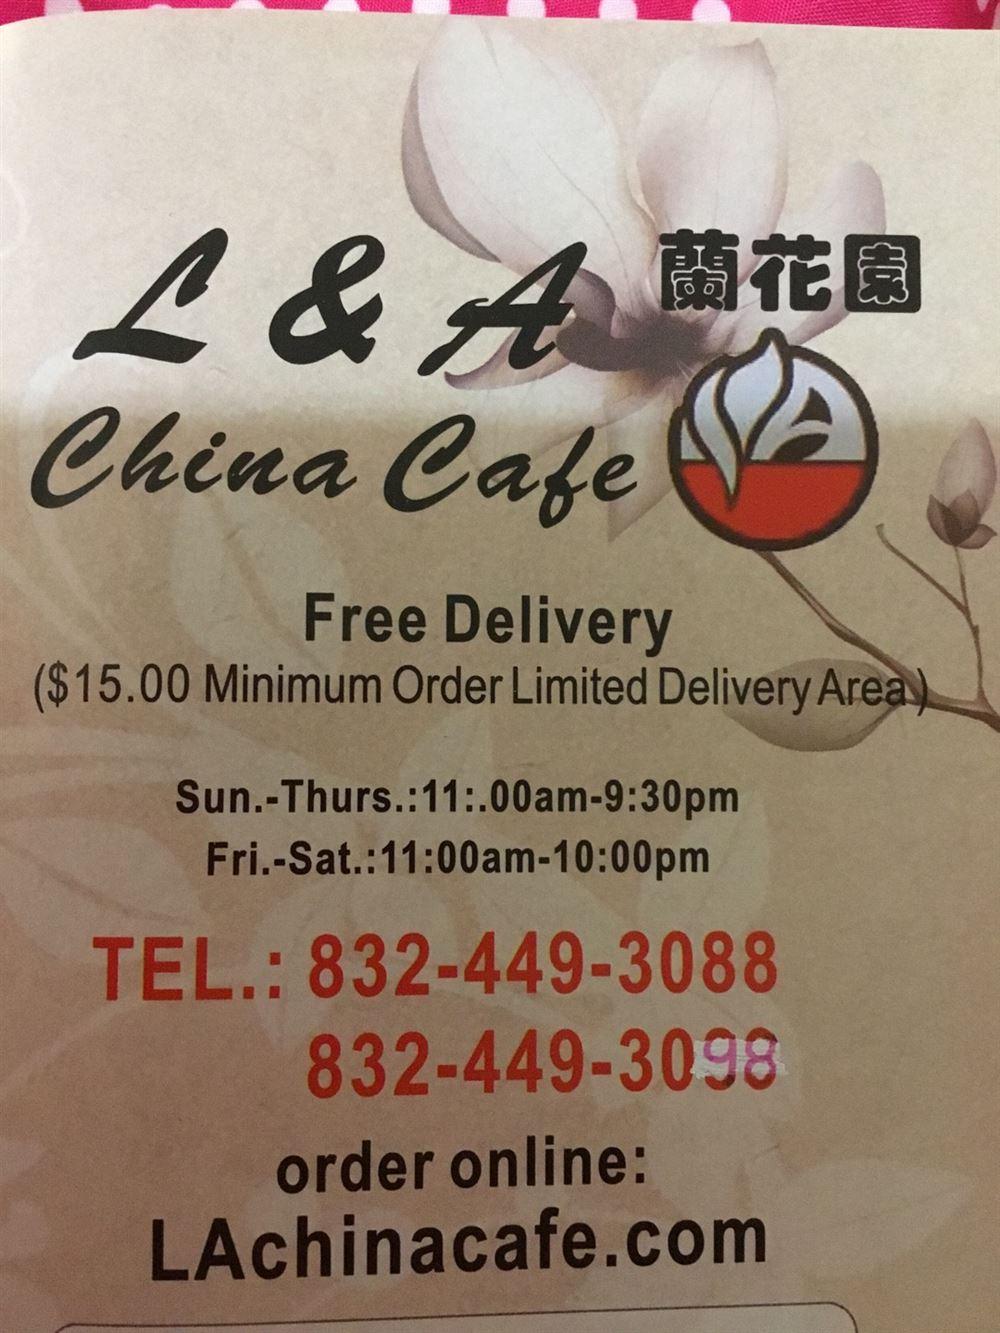 L & A China Cafe